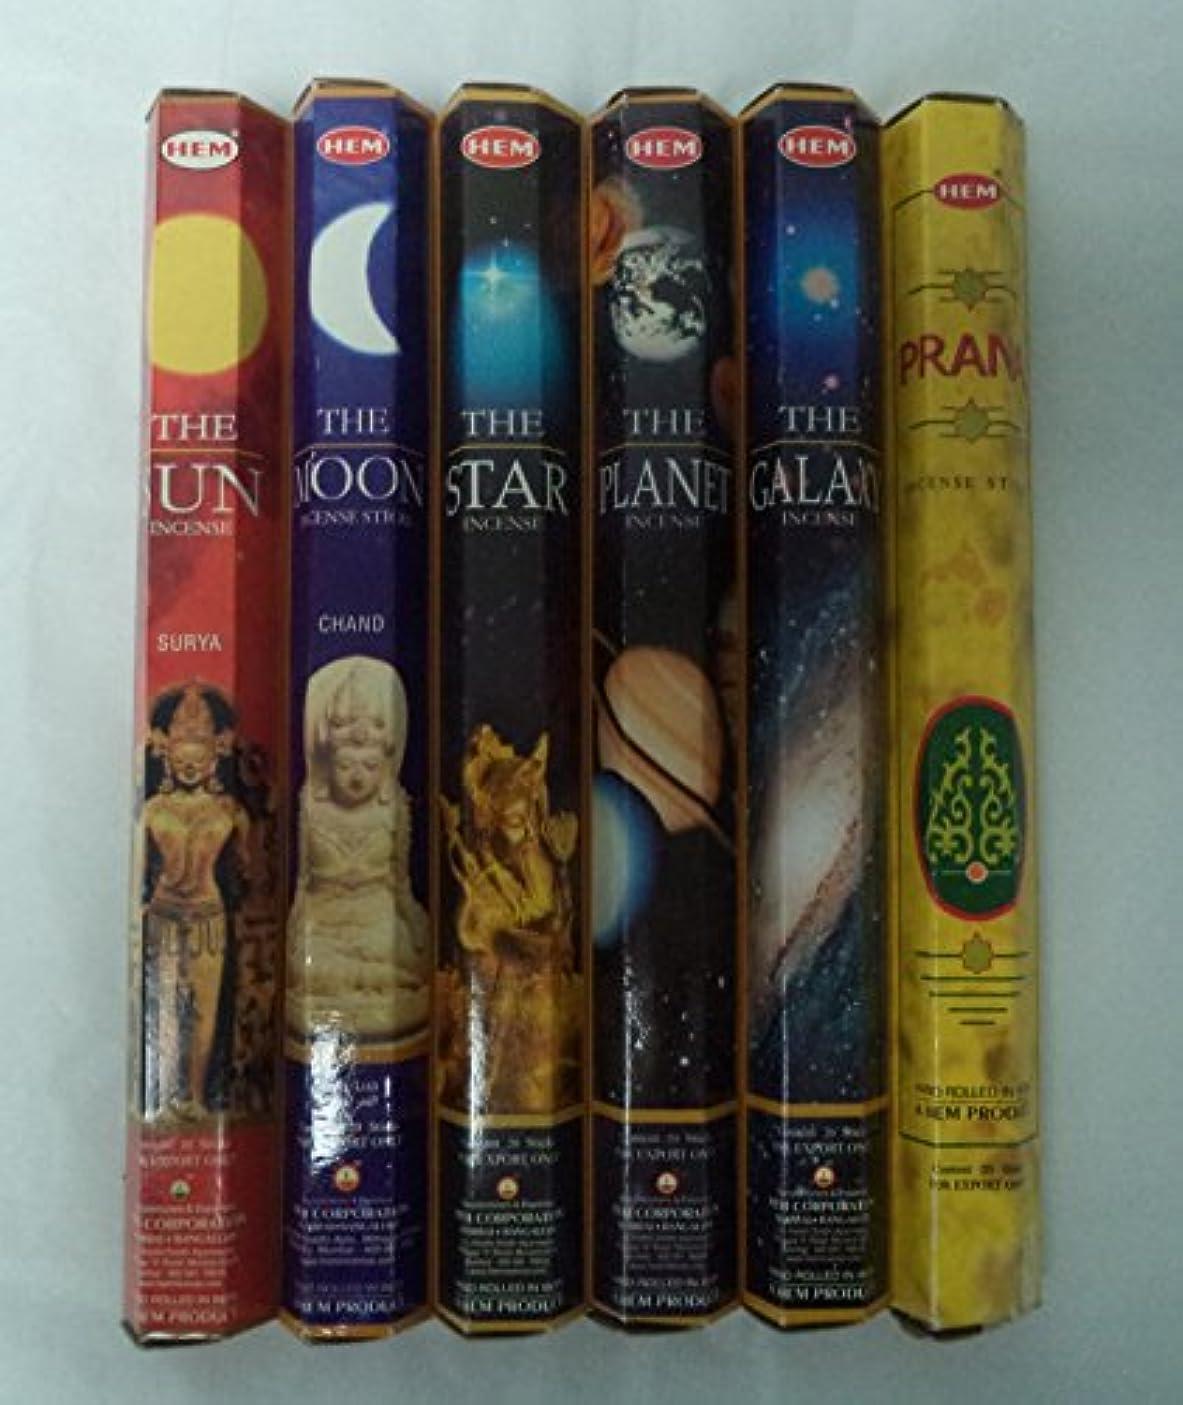 助言するびっくり最高裾Universe Incenseセット: Sun Moon Star Planet Galaxy Prana 6 x 20 = 120 Sticks